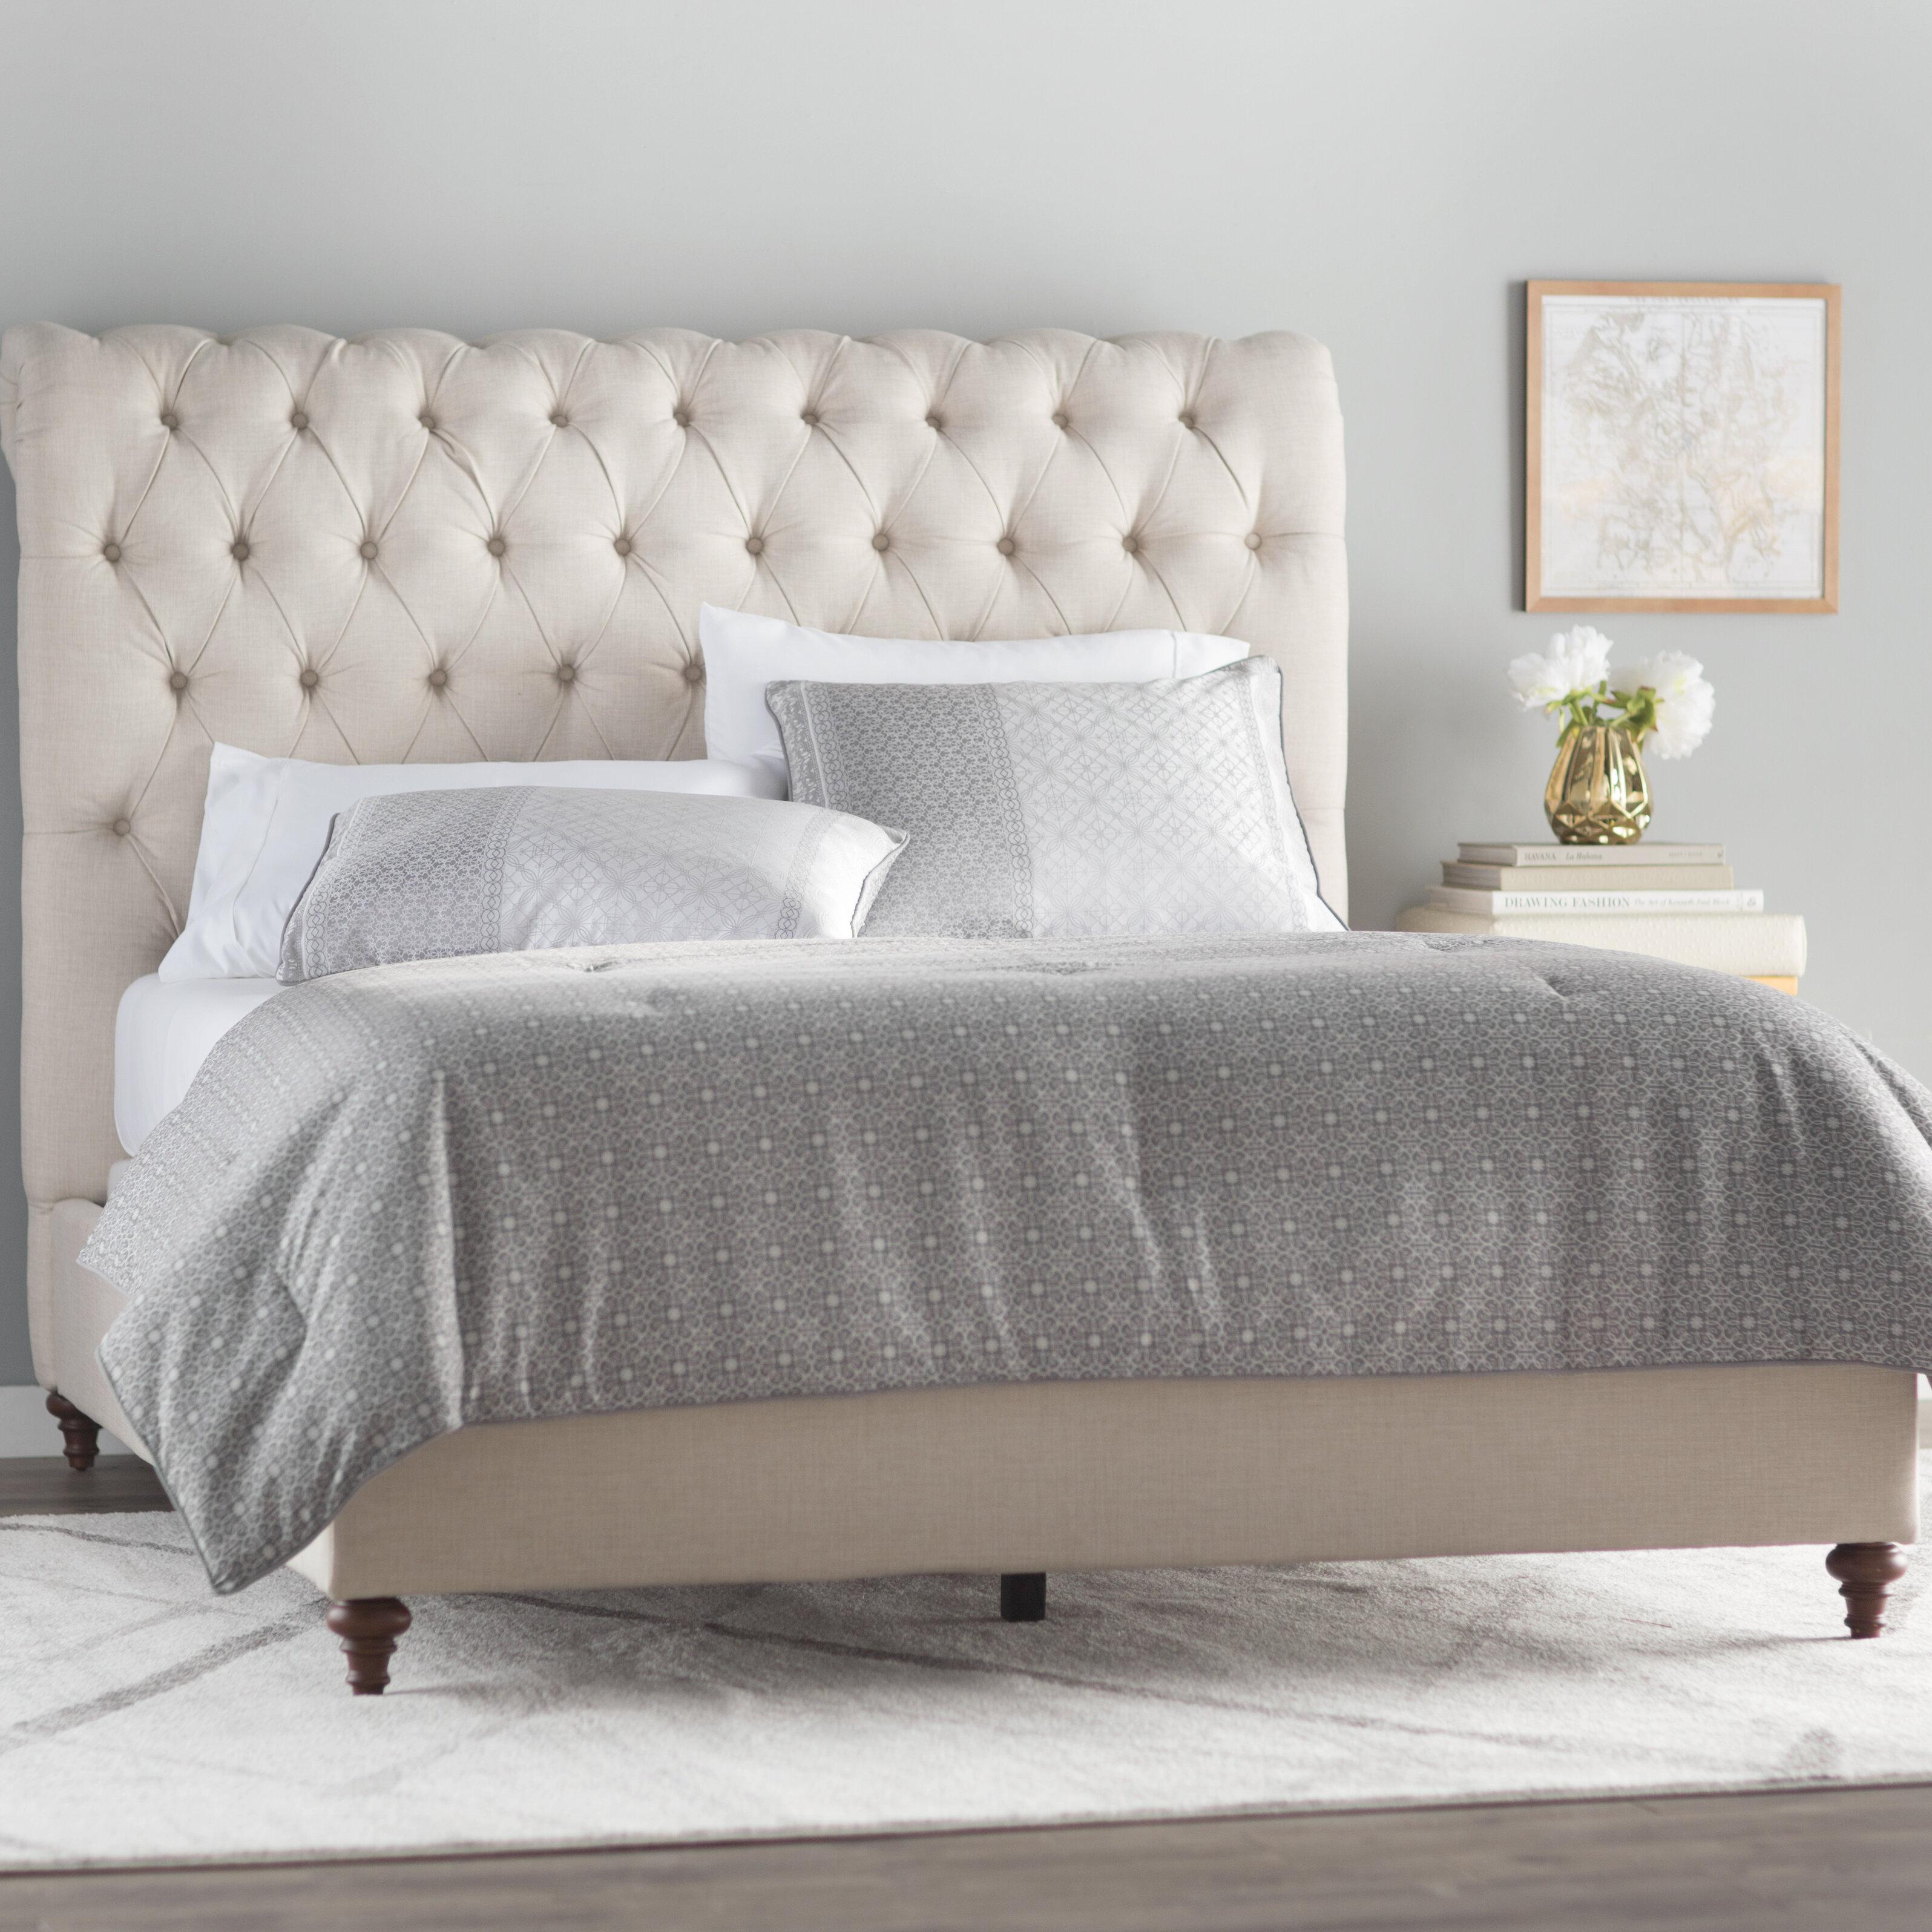 furniture pdx acme wayfair sleigh rebekah bed upholstered